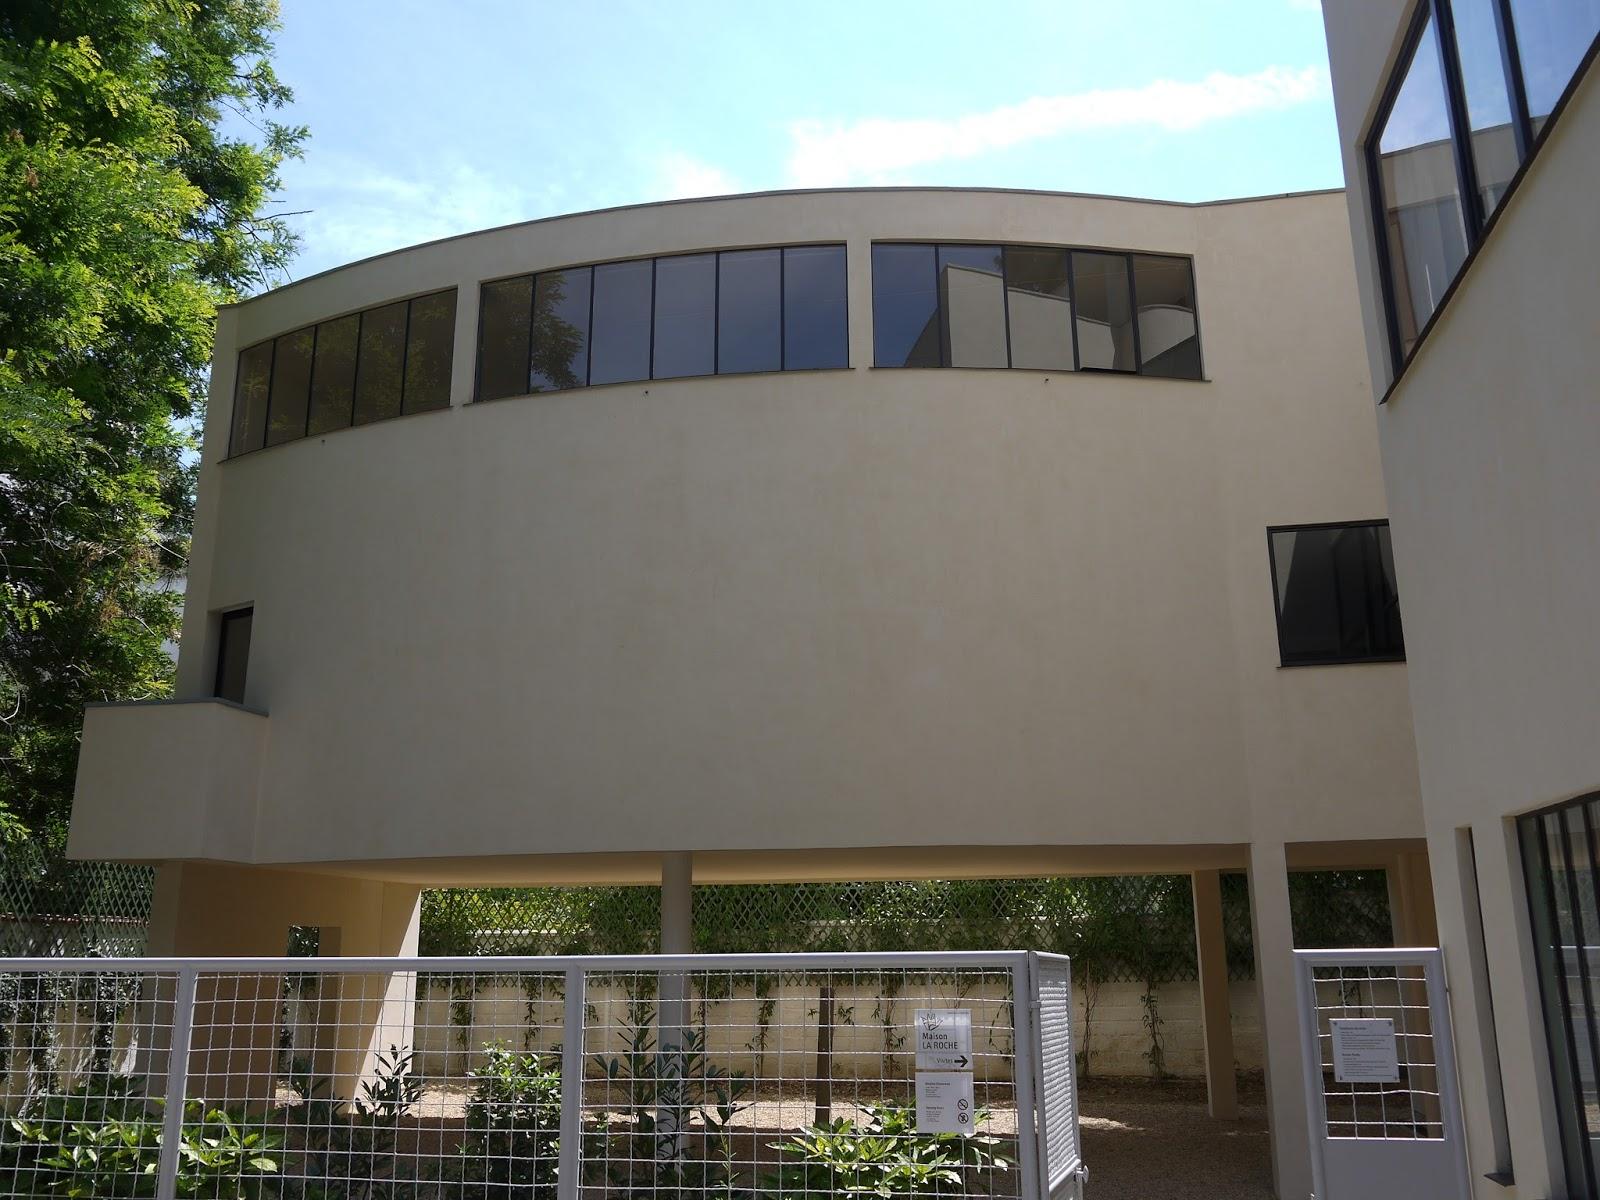 Adrian yekkes villa la roche le corbusier 39 s design for for Arts de la maison